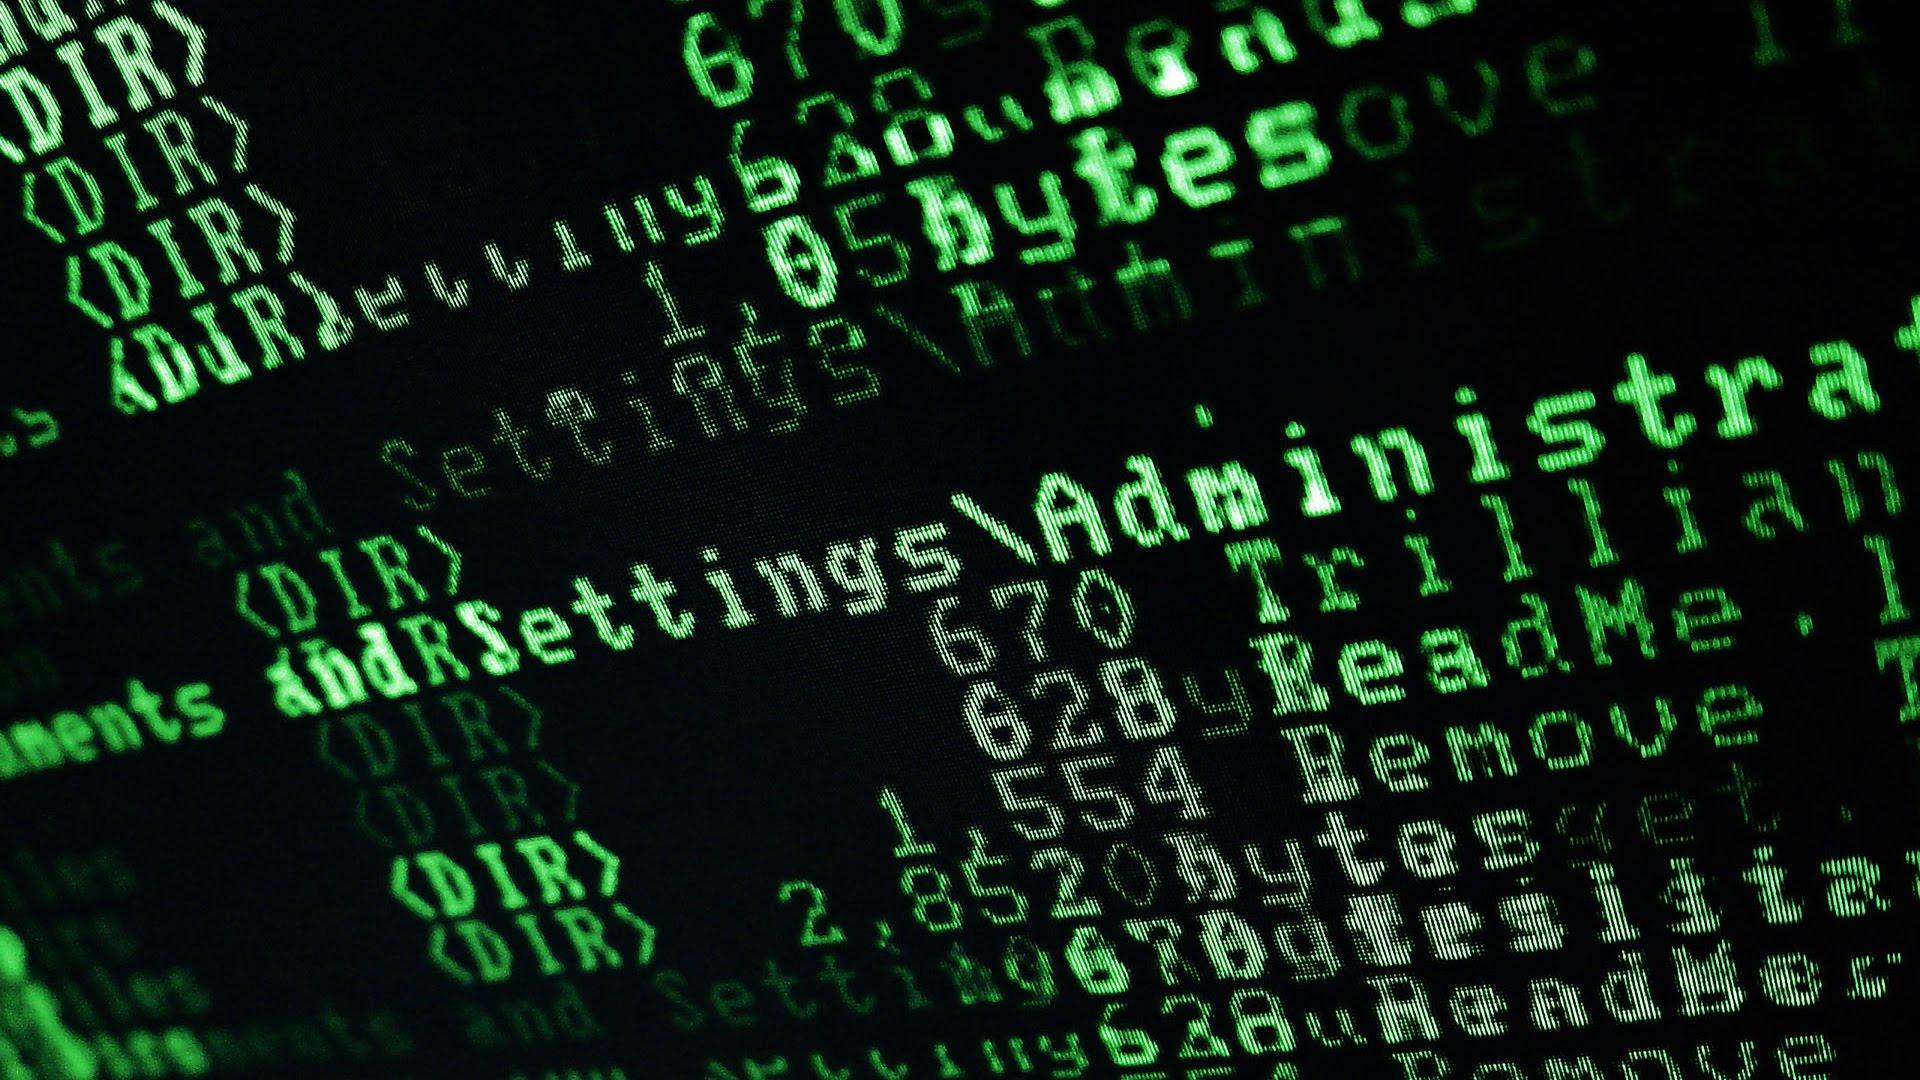 Владимир Путин поставил точку в теме российских хакеров